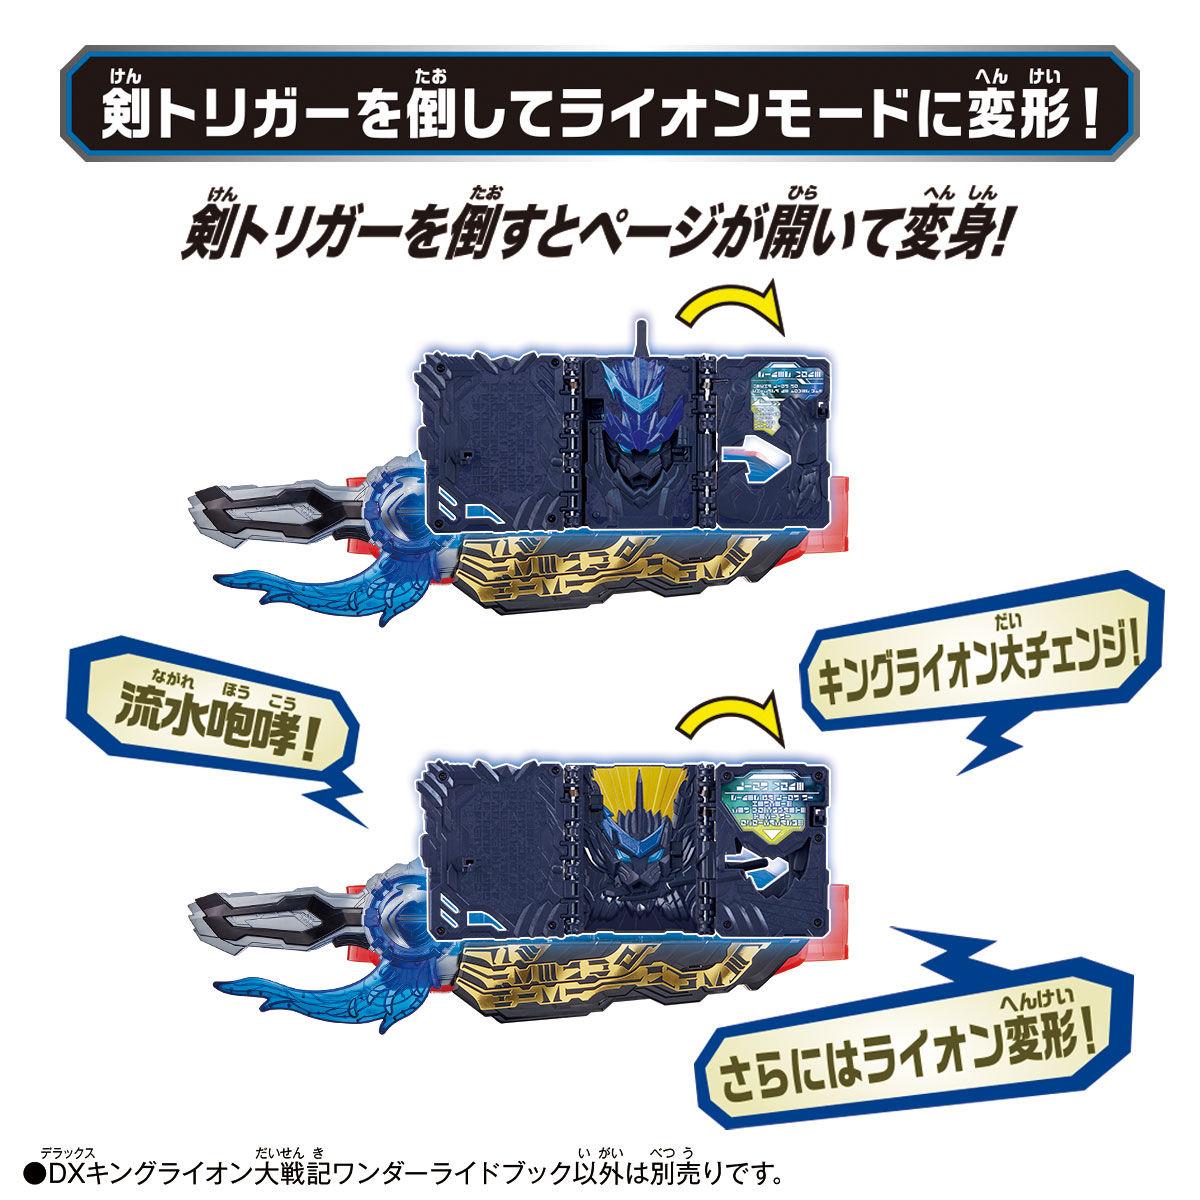 仮面ライダーセイバー『DXキングライオン大戦記ワンダーライドブック』変身なりきり-009